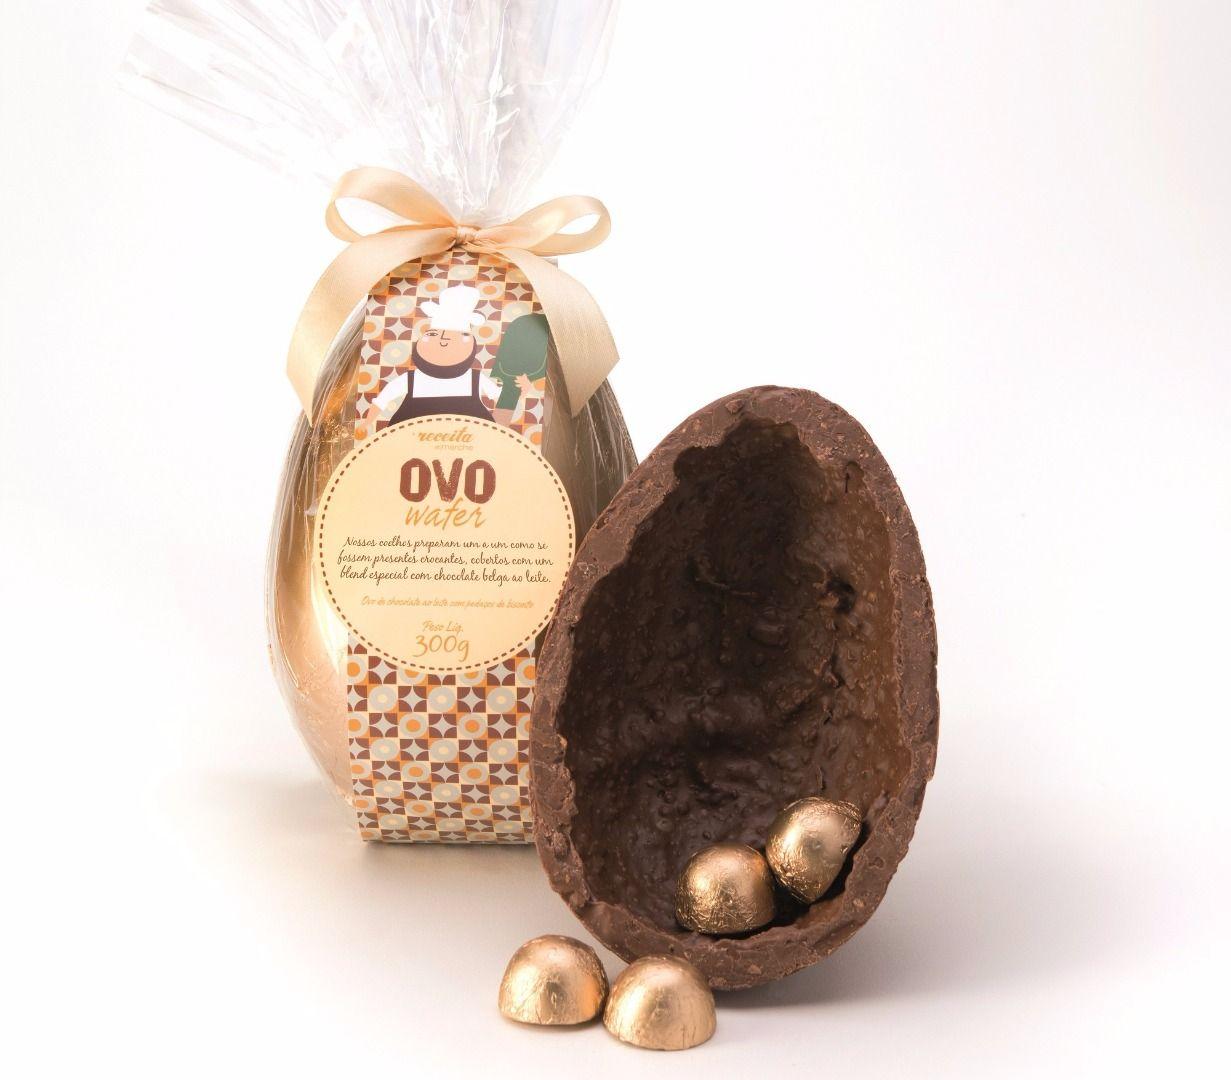 Descubra se vale a pena comprar um ovo de Páscoa em tempos de crise